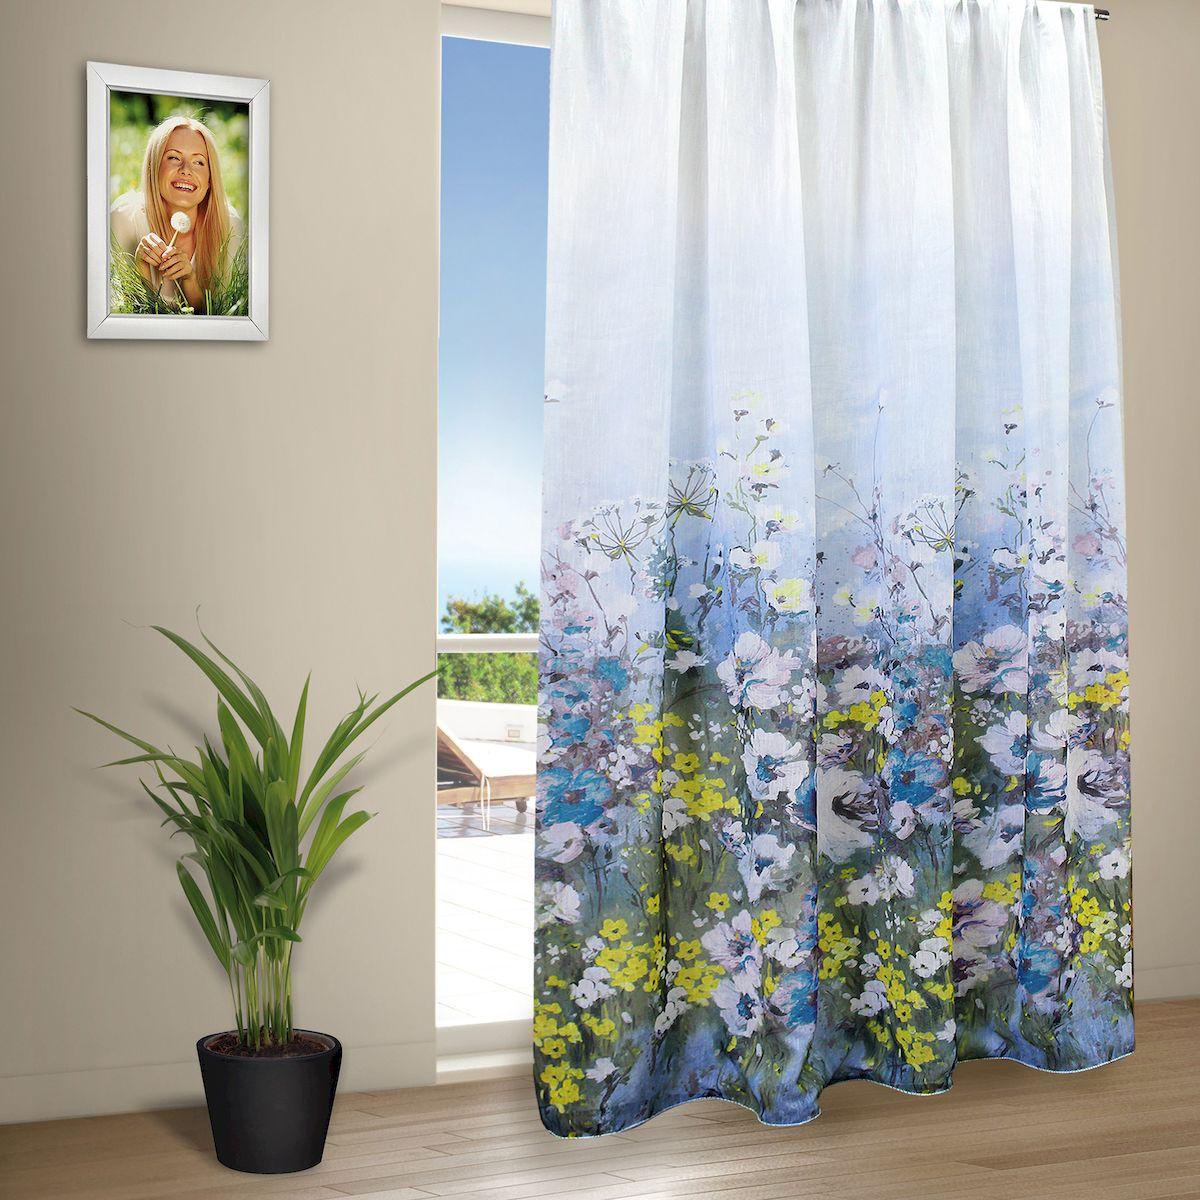 Тюль Amore Mio Лен Акварель, на ленте, цвет: голубой, высота 270 см79739Тюль Amore Mio из легкой матовой ткани, с имитацией натурального льна, изготовлен из 100% полиэстера. Тюль наполняет комнату красками и ароматом цветущего луга.Воздушная ткань привлечет к себе внимание и идеально оформит интерьер любого помещения. Полиэстер - вид ткани, состоящий из полиэфирных волокон. Ткани из полиэстера легкие, прочные и износостойкие. Такие изделия не требуют специального ухода, не пылятся и почти не мнутся.Крепление к карнизу осуществляется при помощи вшитой шторной ленты.